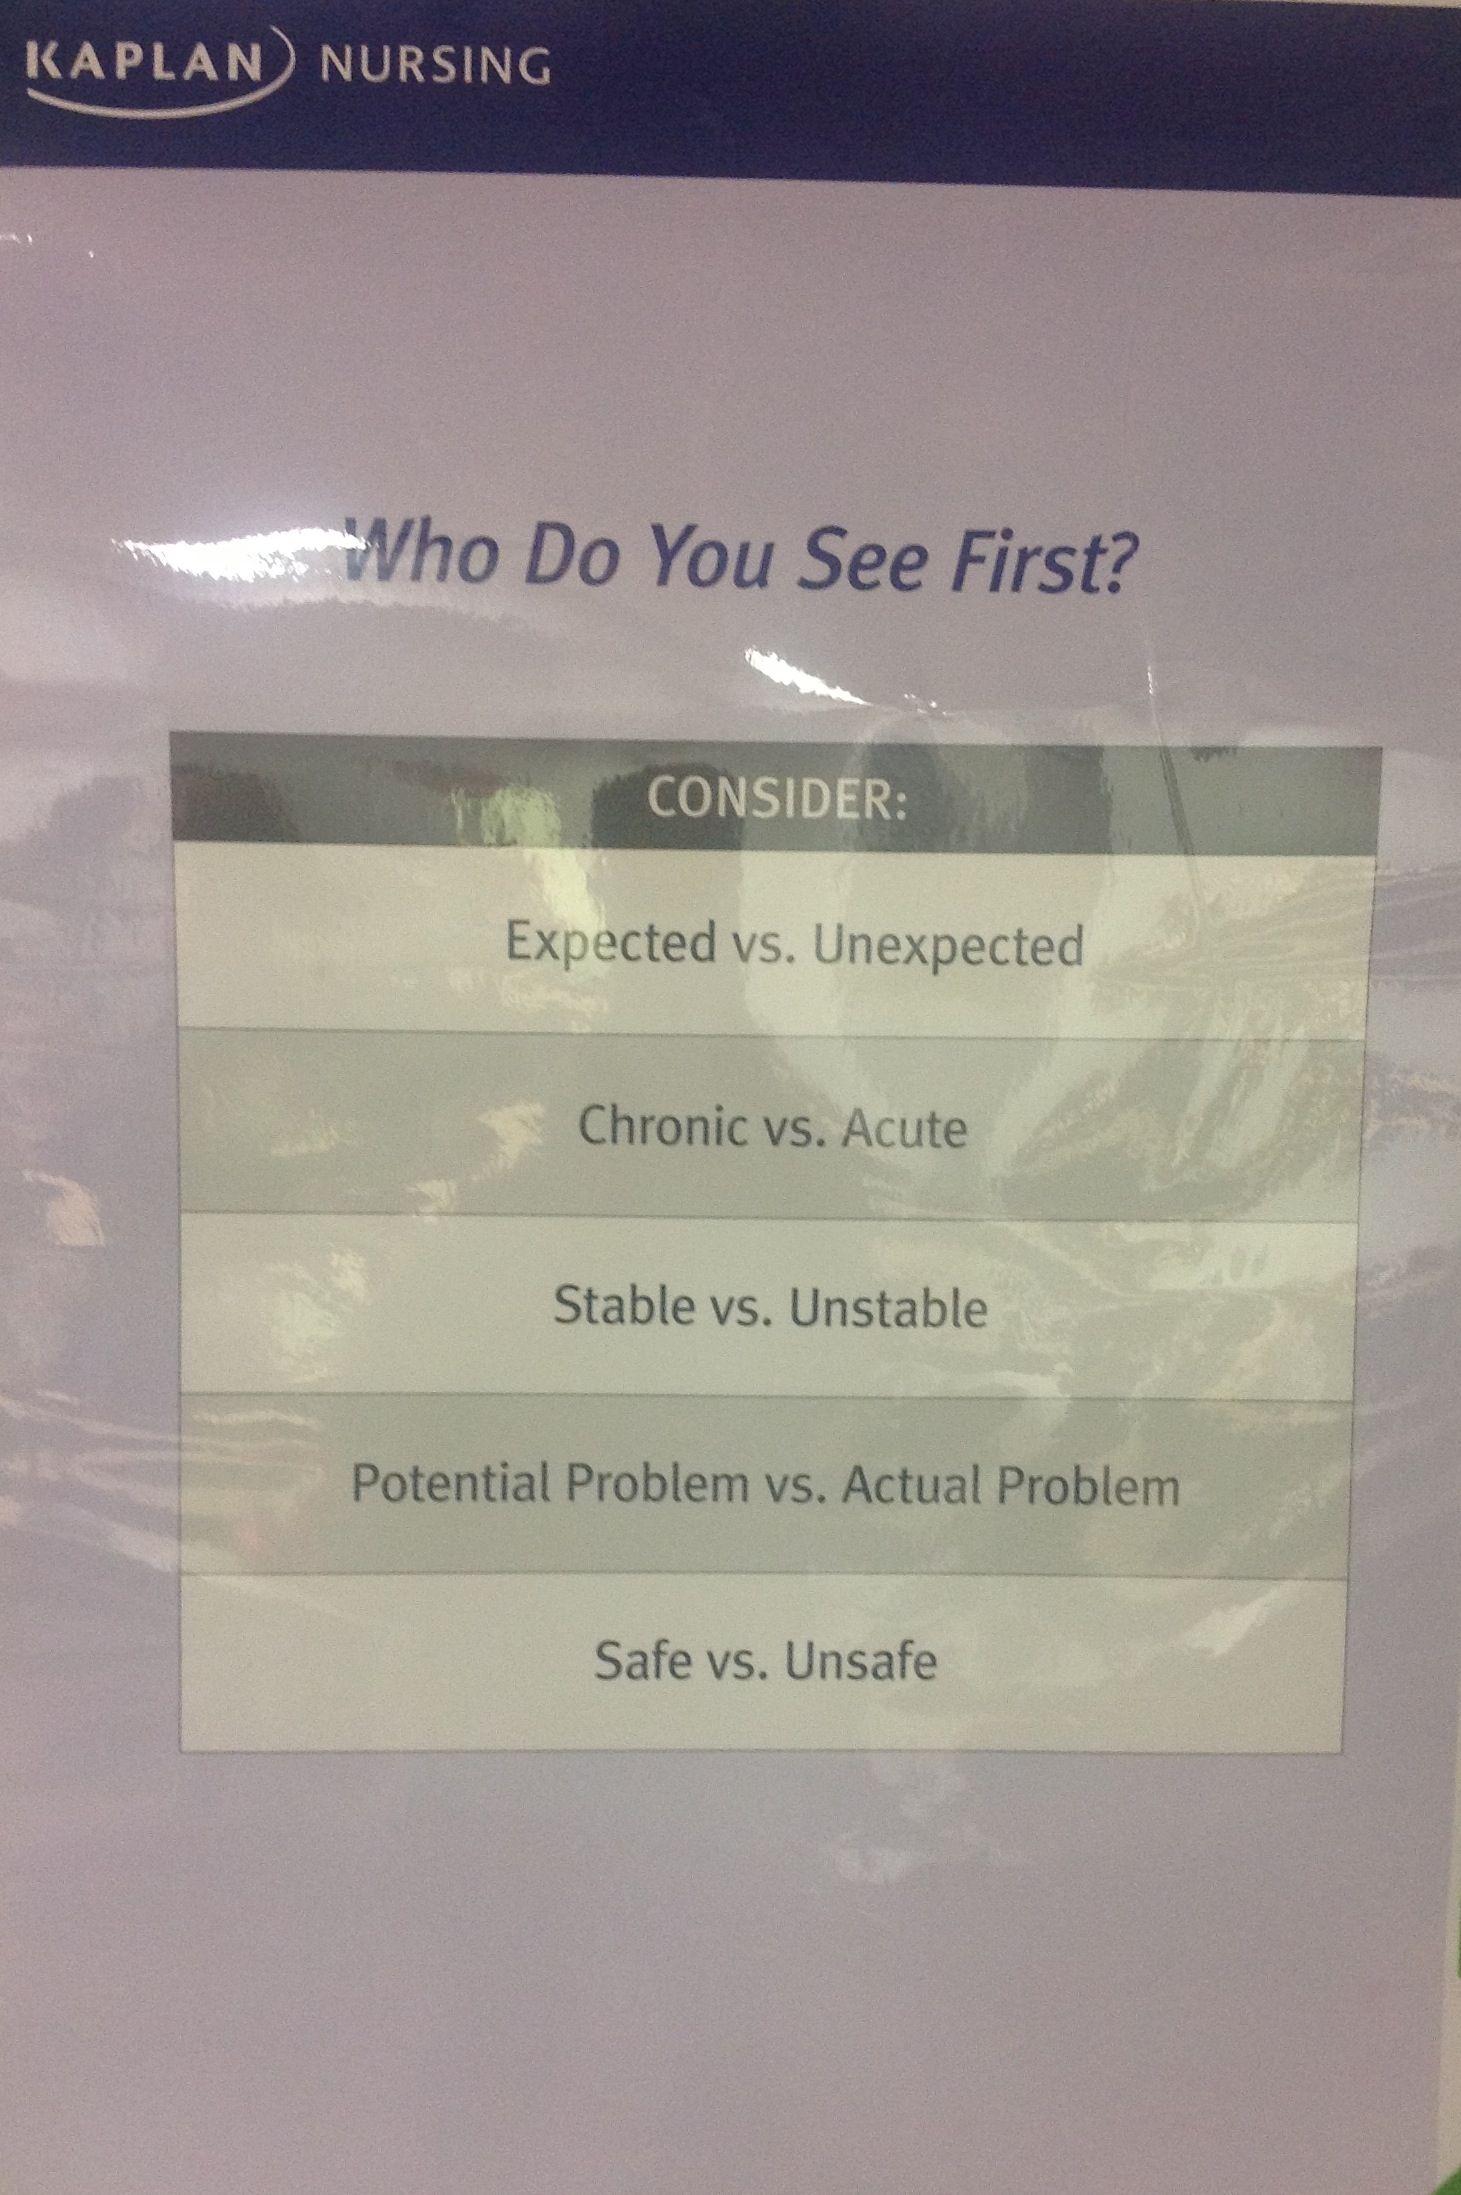 Kaplan Nursing Who Do You See First